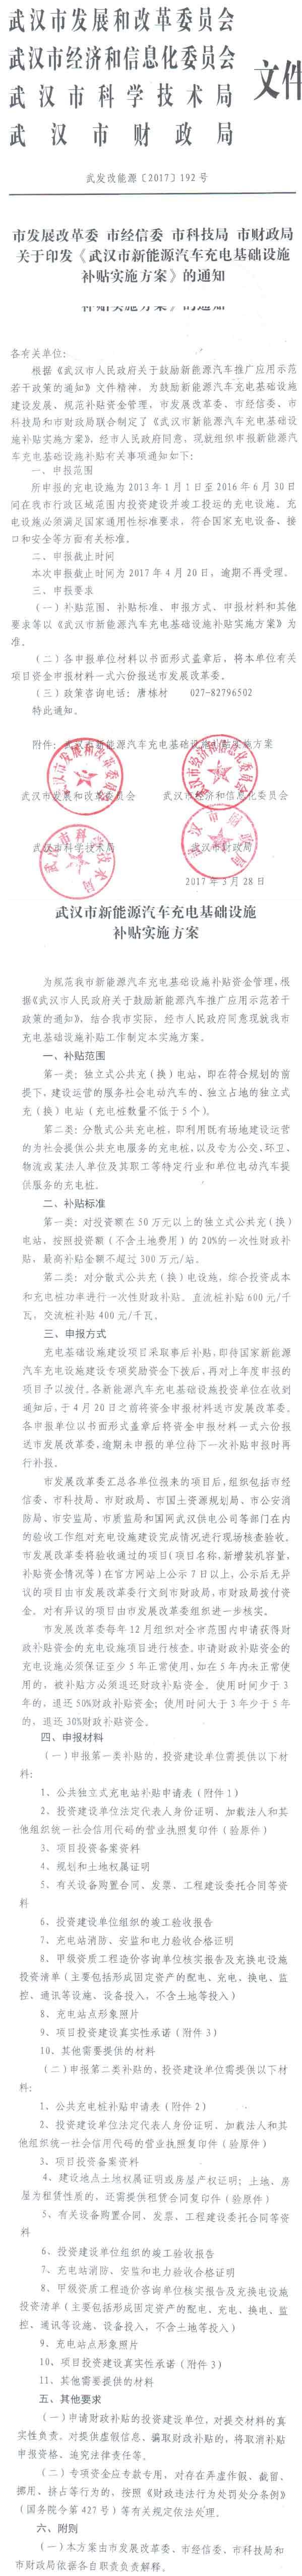 武汉新能源补贴